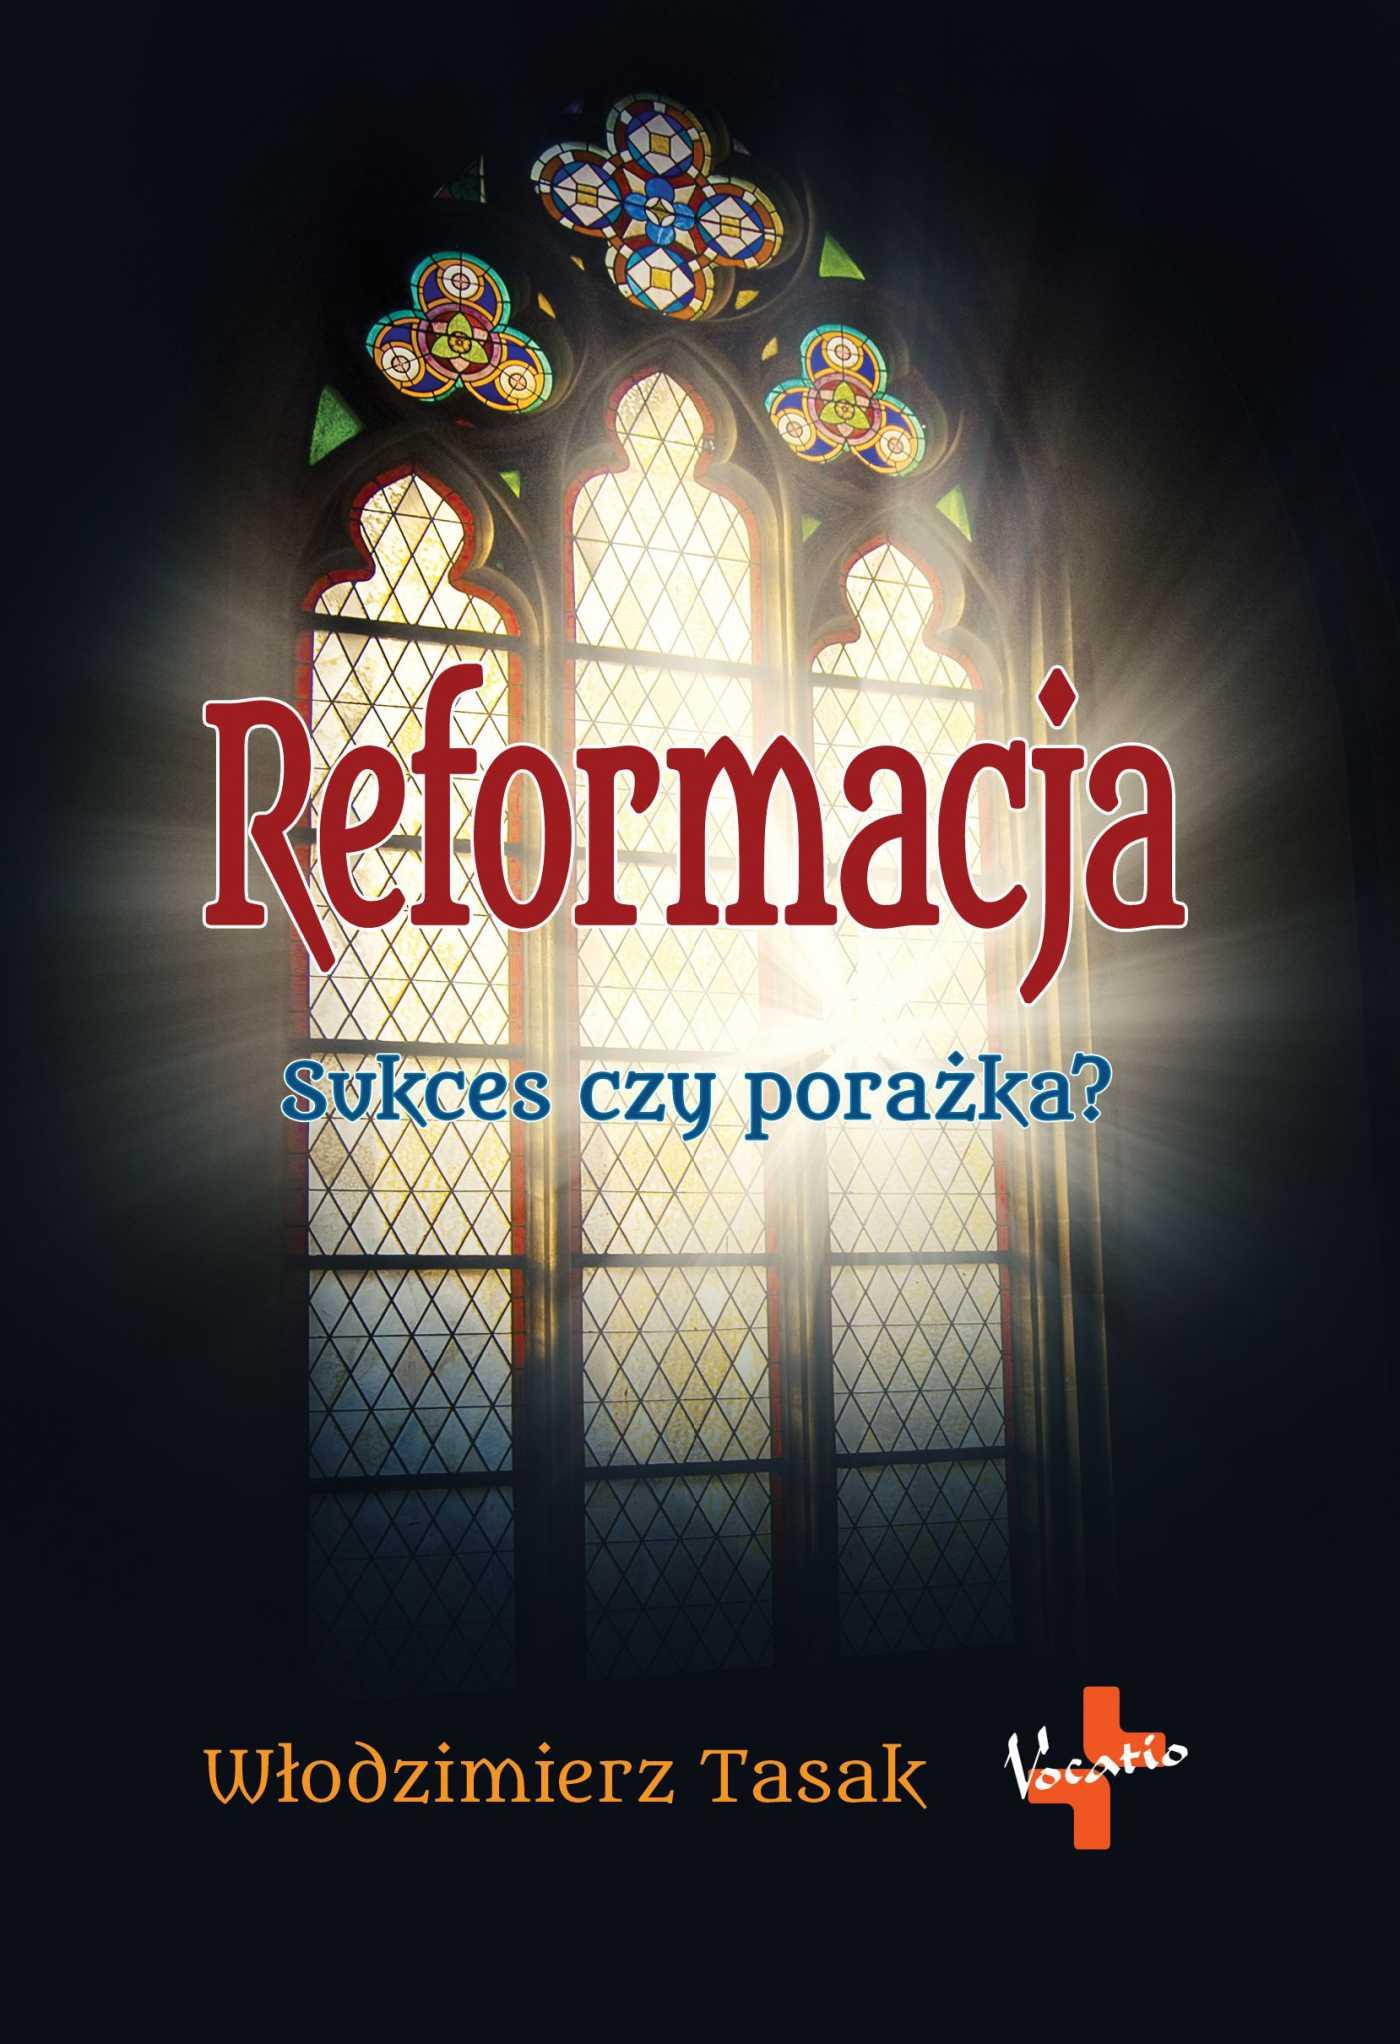 Reformacja. Sukces czy porażka? - Ebook (Książka na Kindle) do pobrania w formacie MOBI